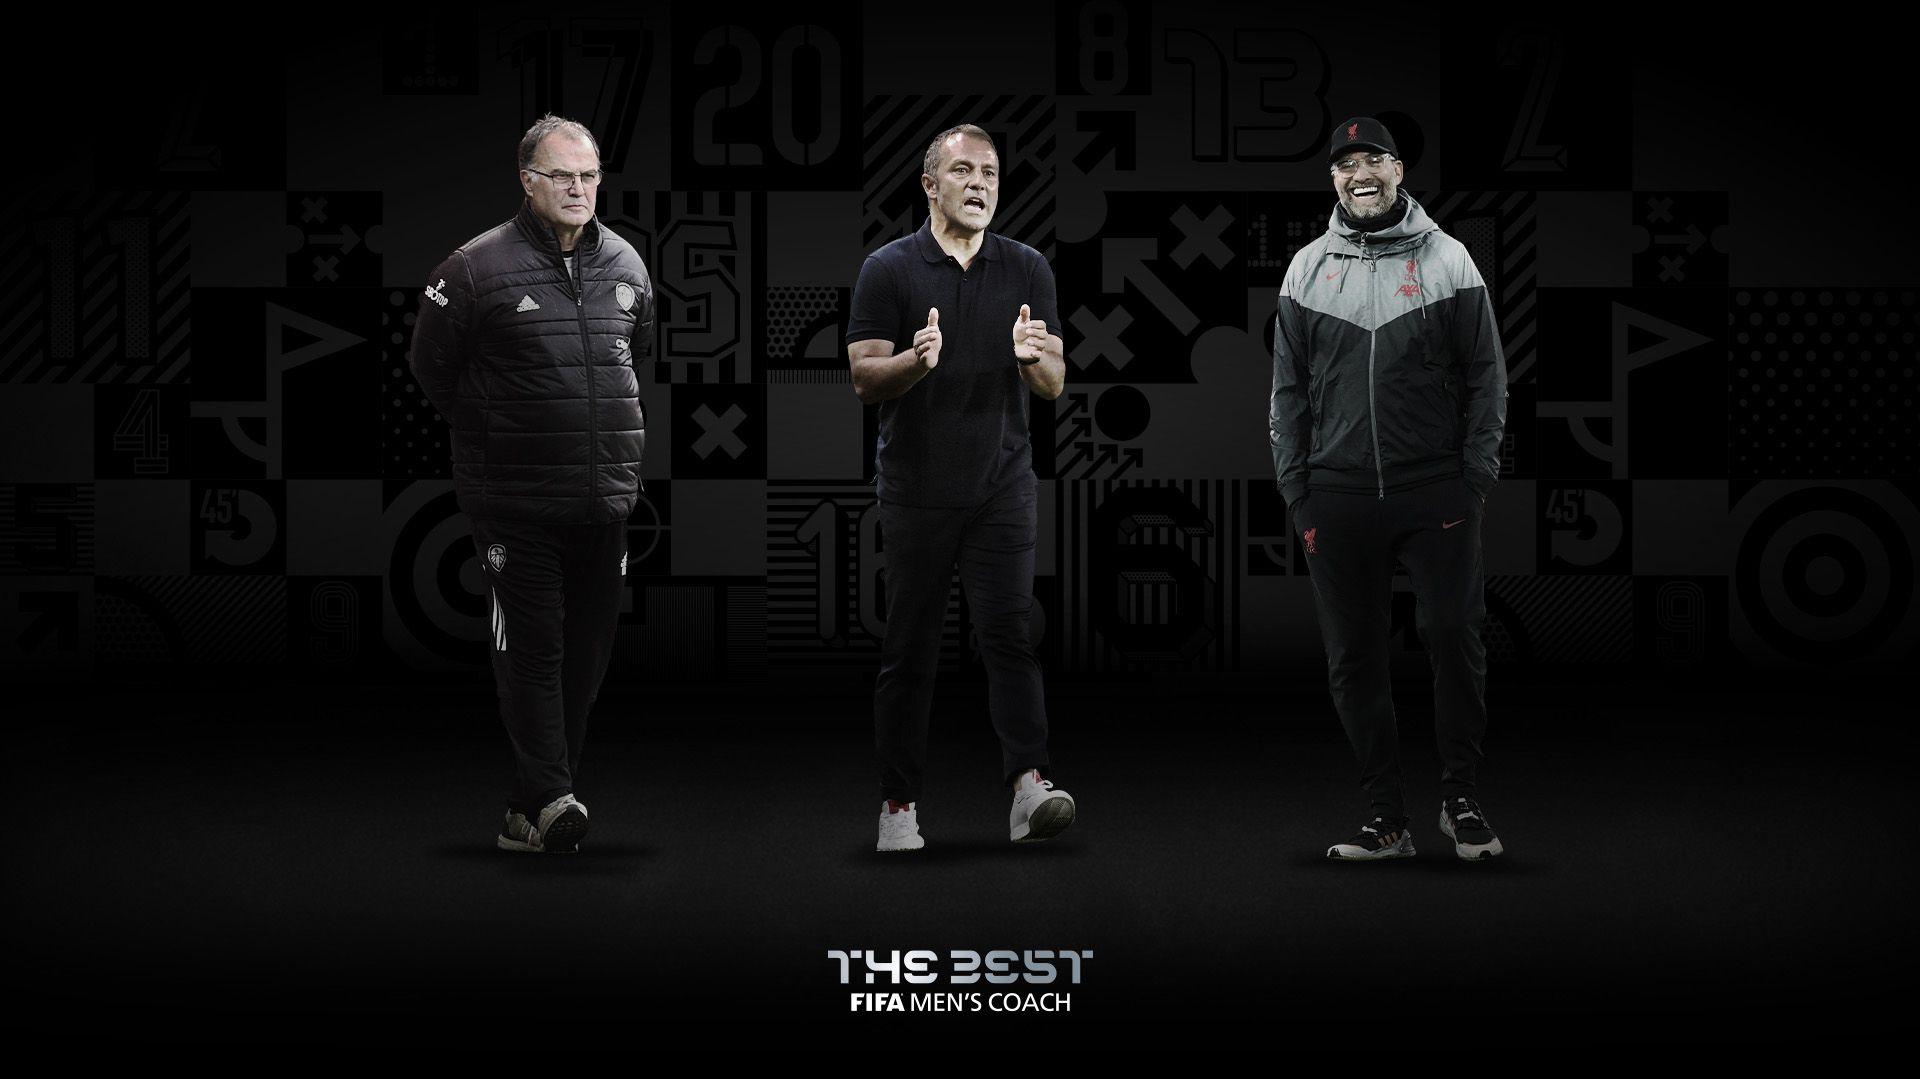 Bielsa entre los 3 mejores entrenadores del mundo según FIFA